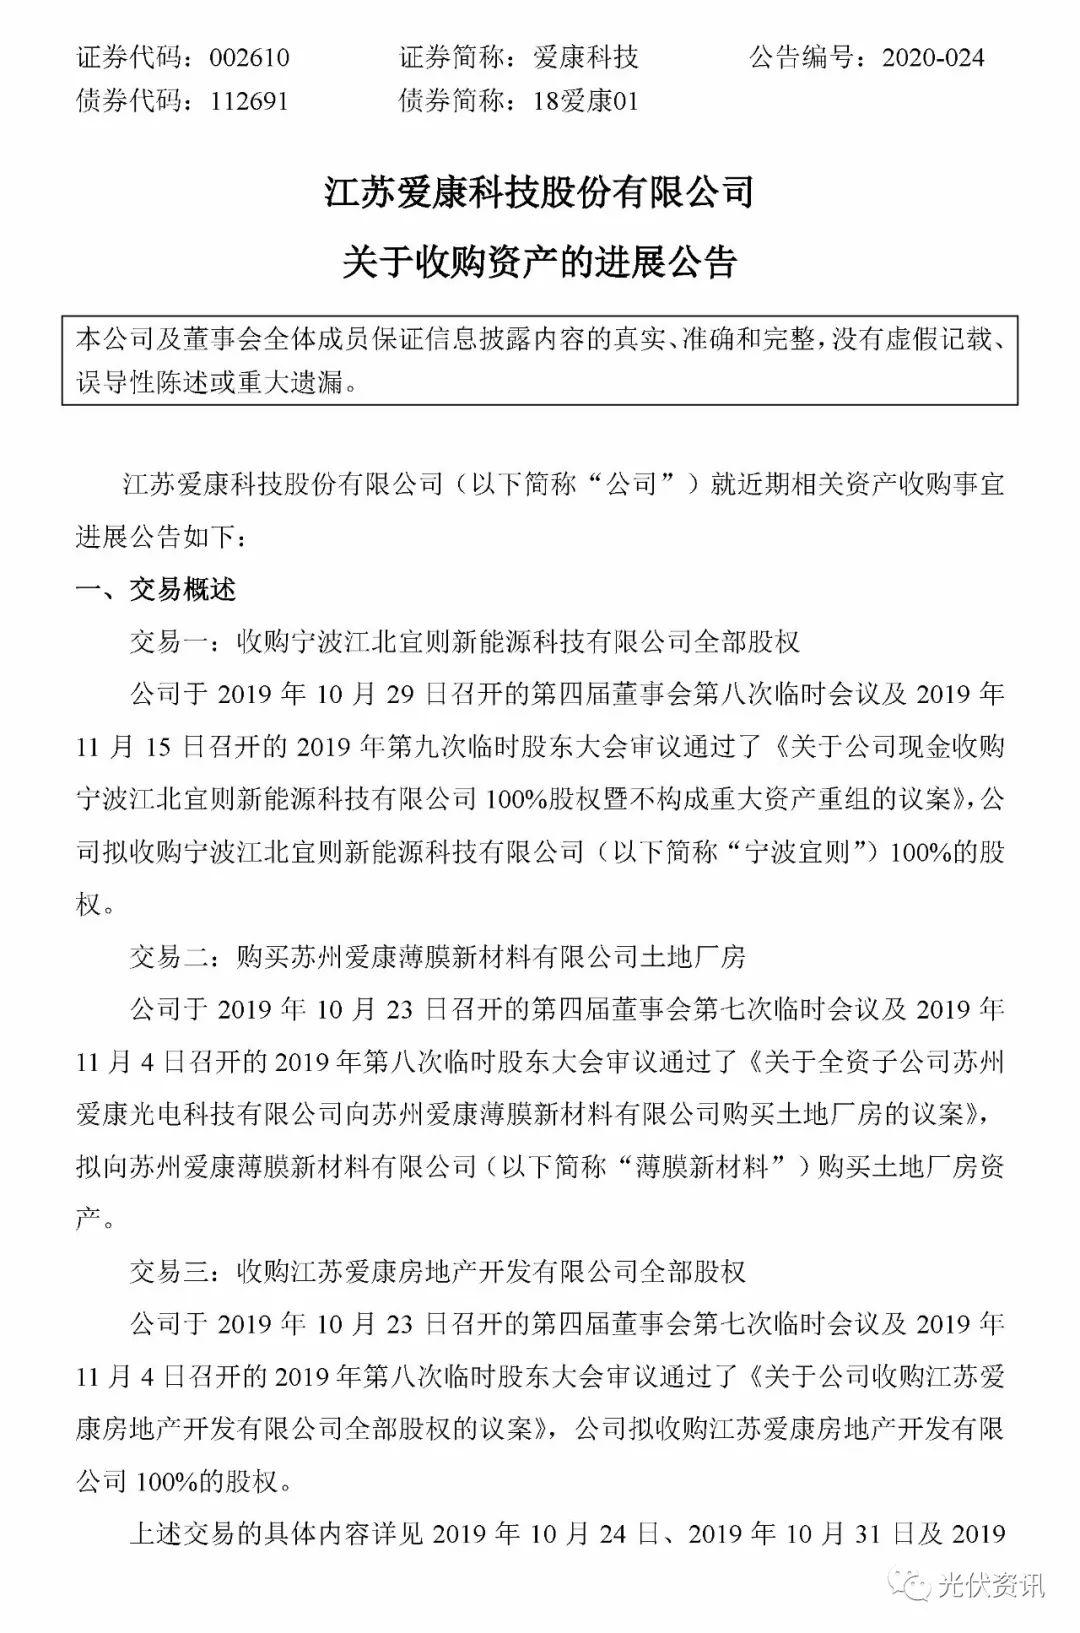 爱康科技放弃17.8亿元收购越南光伏、电池